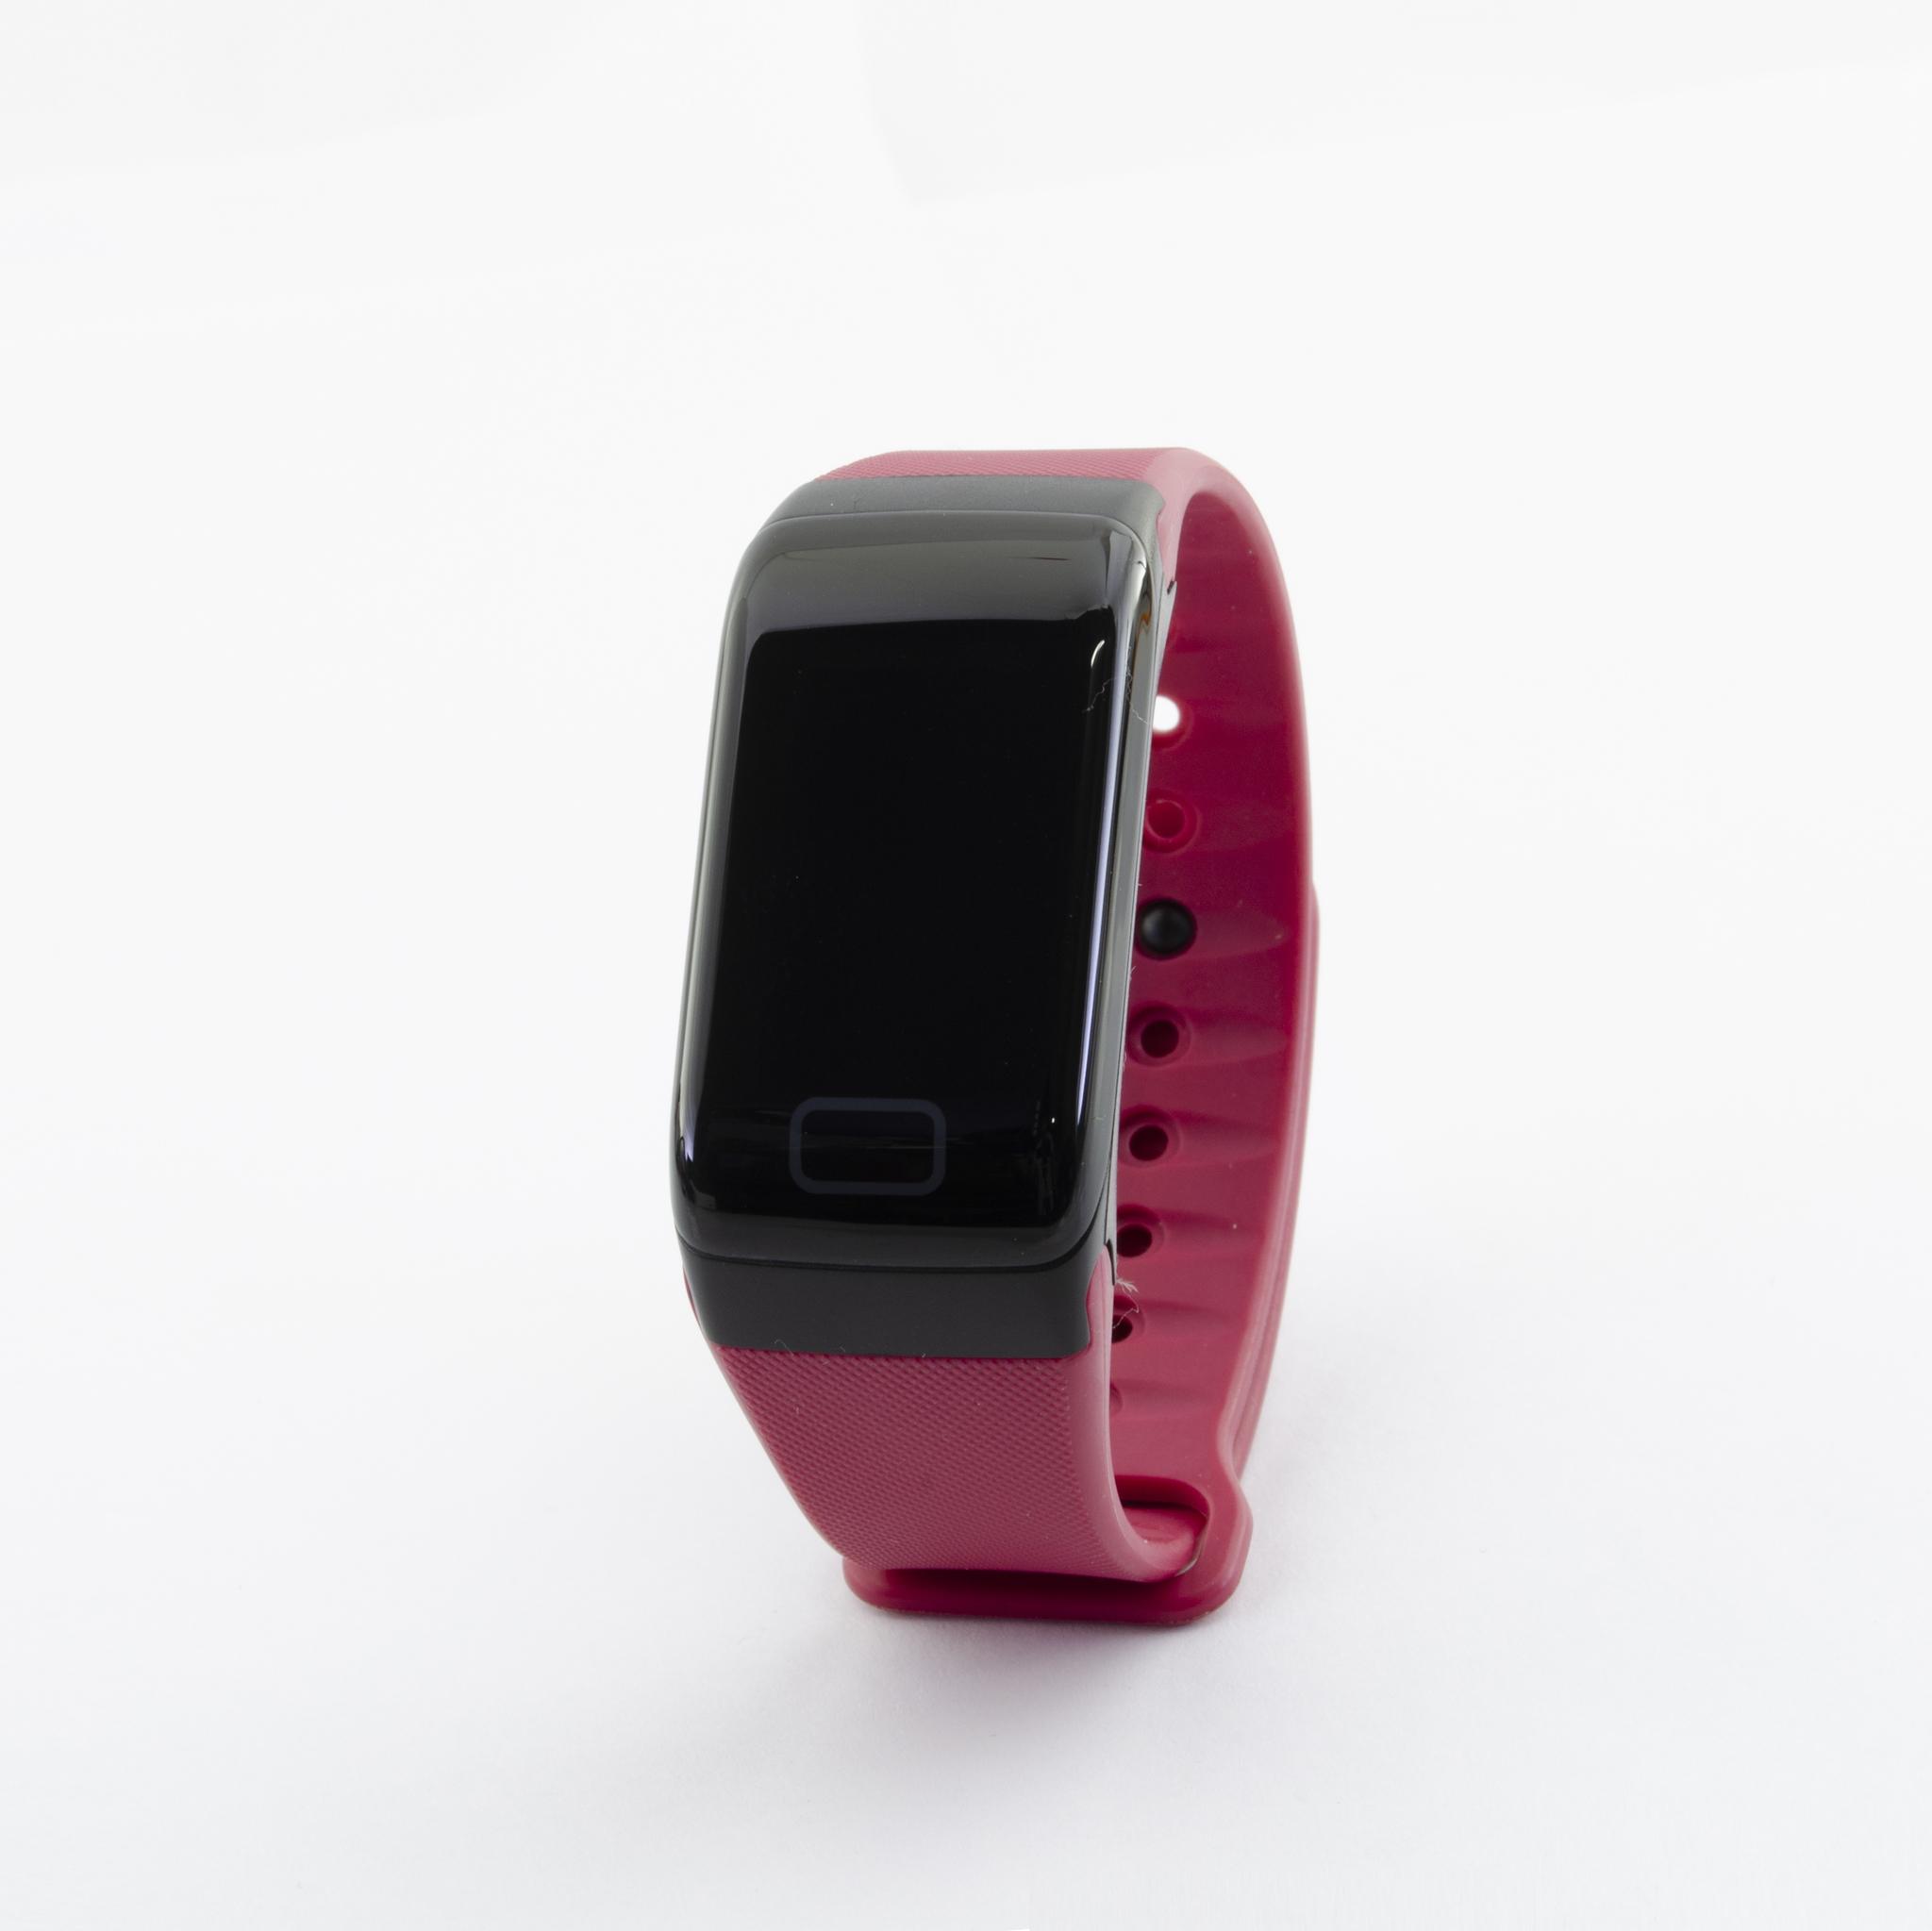 Браслет здоровья с автоматическим измерением давления, пульса и кислорода Health Band №1 (красный)